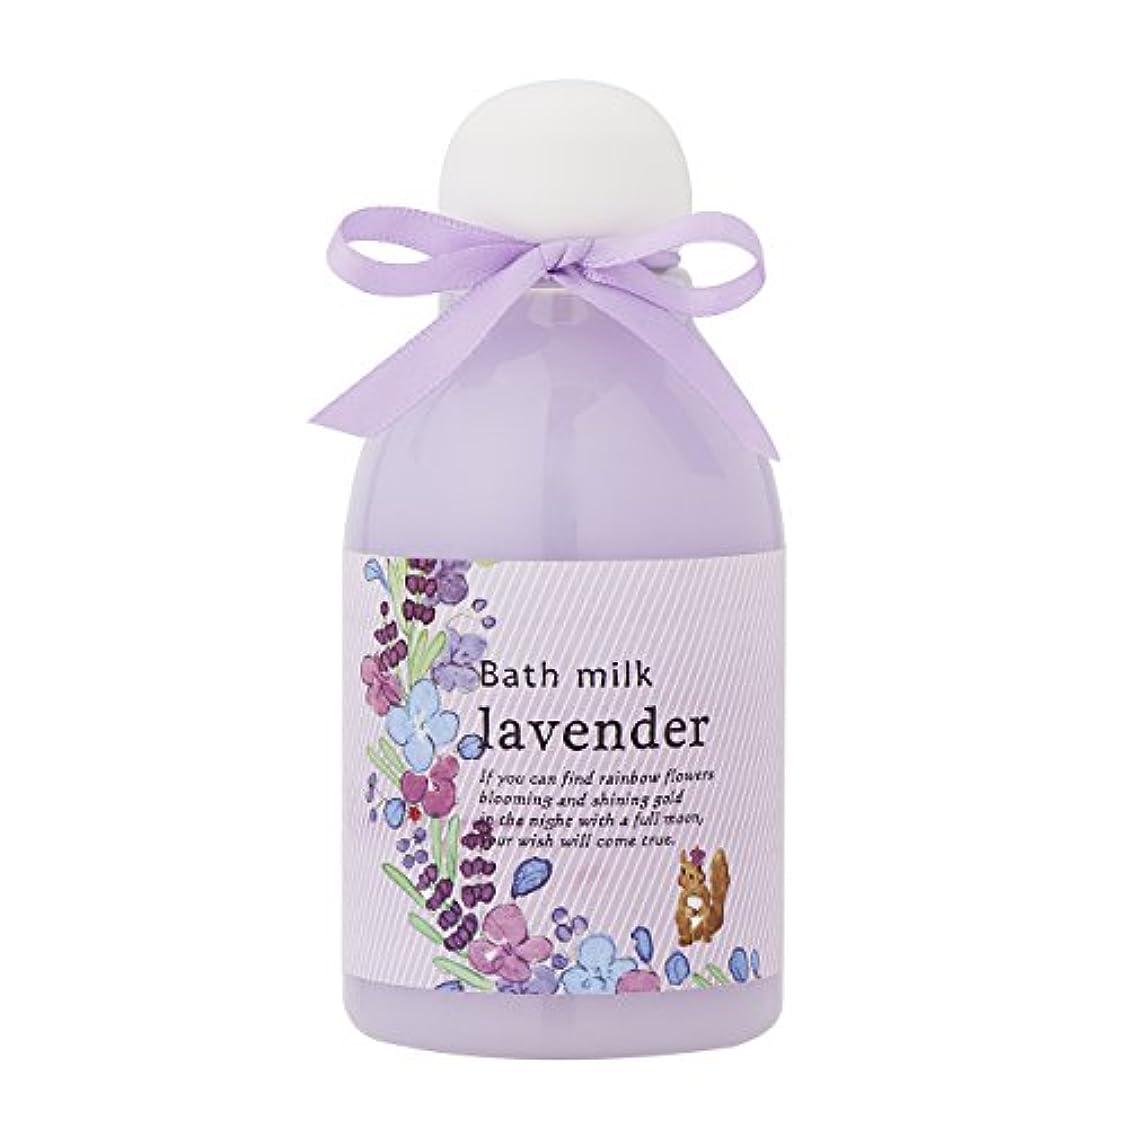 氏時間有効なサンハーブ バスミルク ラベンダー 200ml(バブルバスタイプ入浴料 泡風呂 ふわっと爽やかなラベンダーの香り)